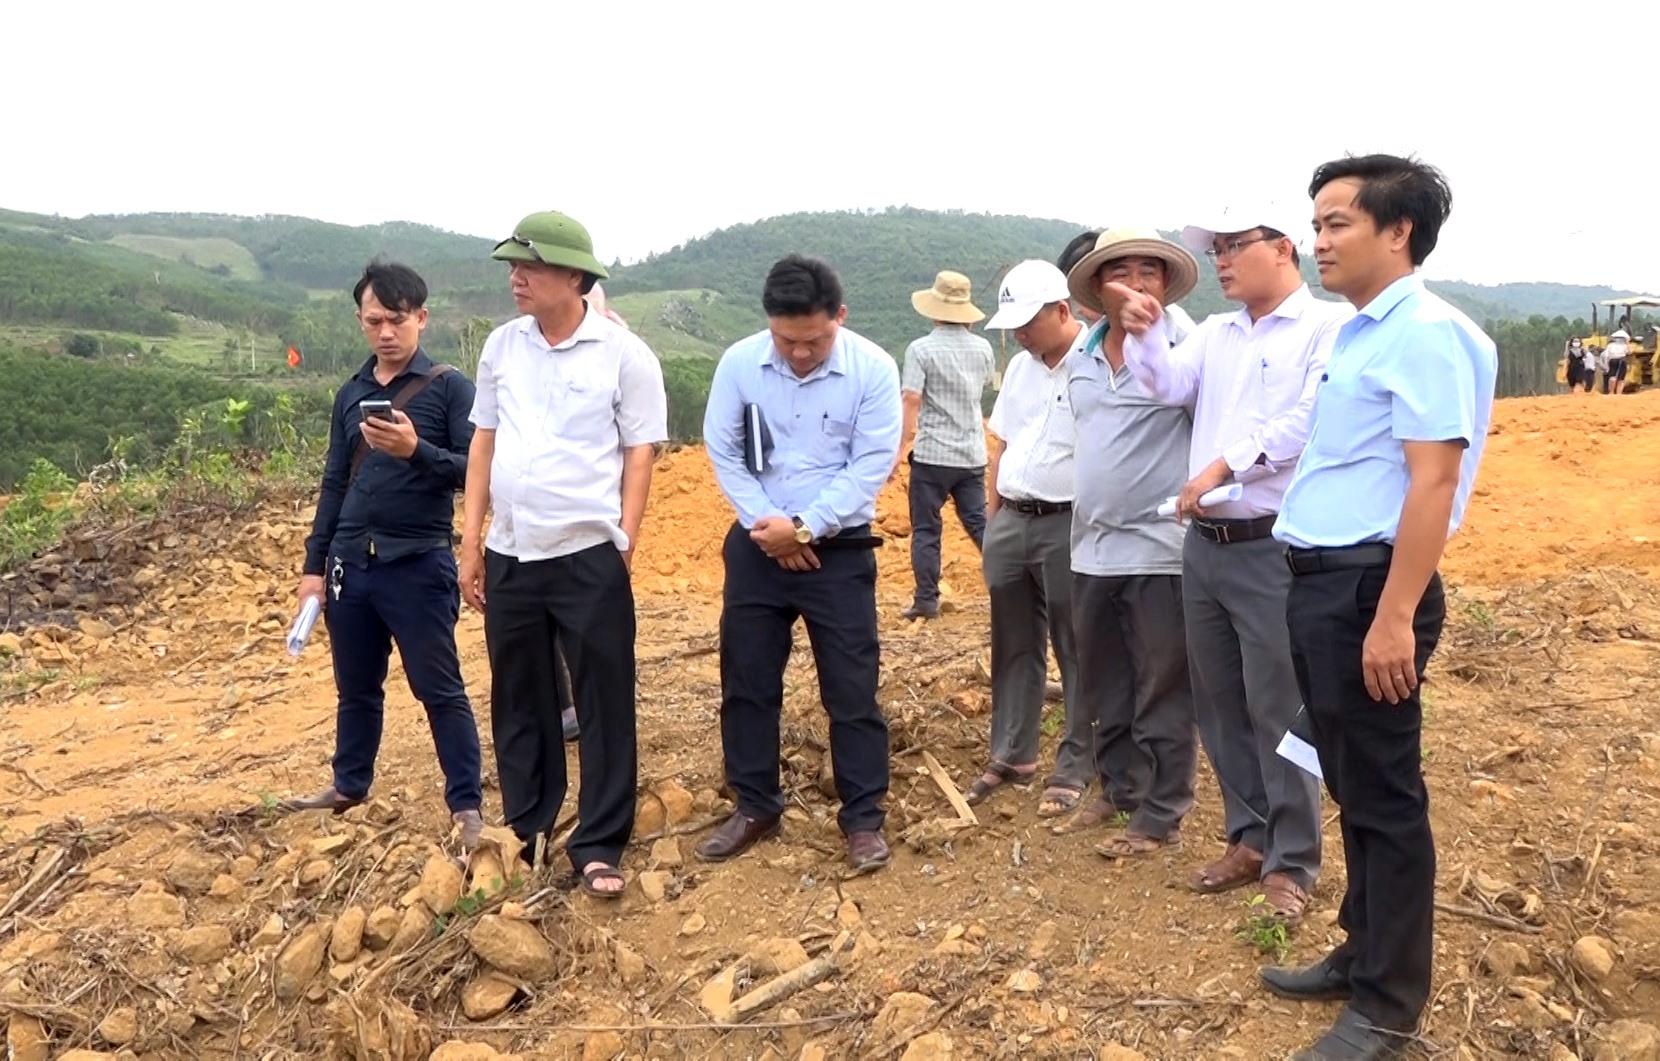 Lãnh đạo huyện Thăng Bình và Ban Quản lý dự án đầu tư xây dựng các công trình Nông nghiệp và Phát triển nông thôn tỉnh kiểm tra thực tế công tác giải phóng mặt bằng hồ chứa nước Hố Do. Ảnh: M.T